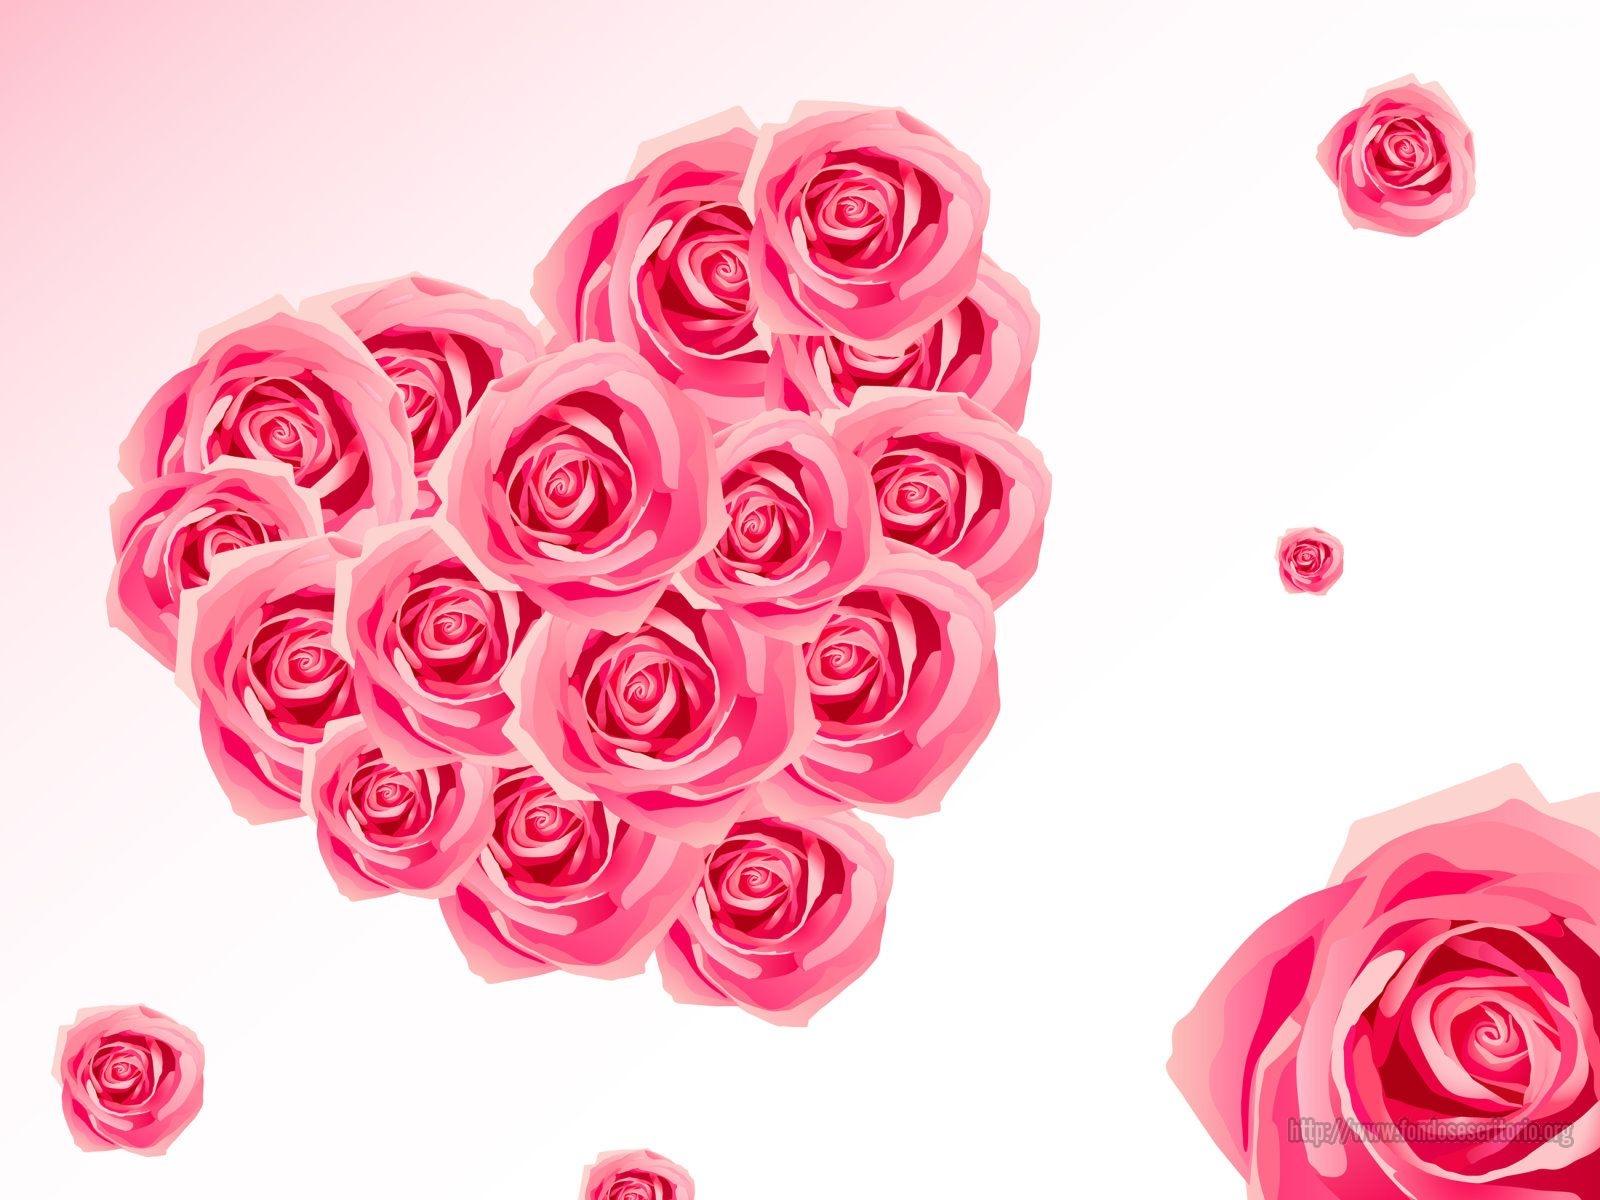 Imágenes de Amor con Movimiento   Frases Románticas de